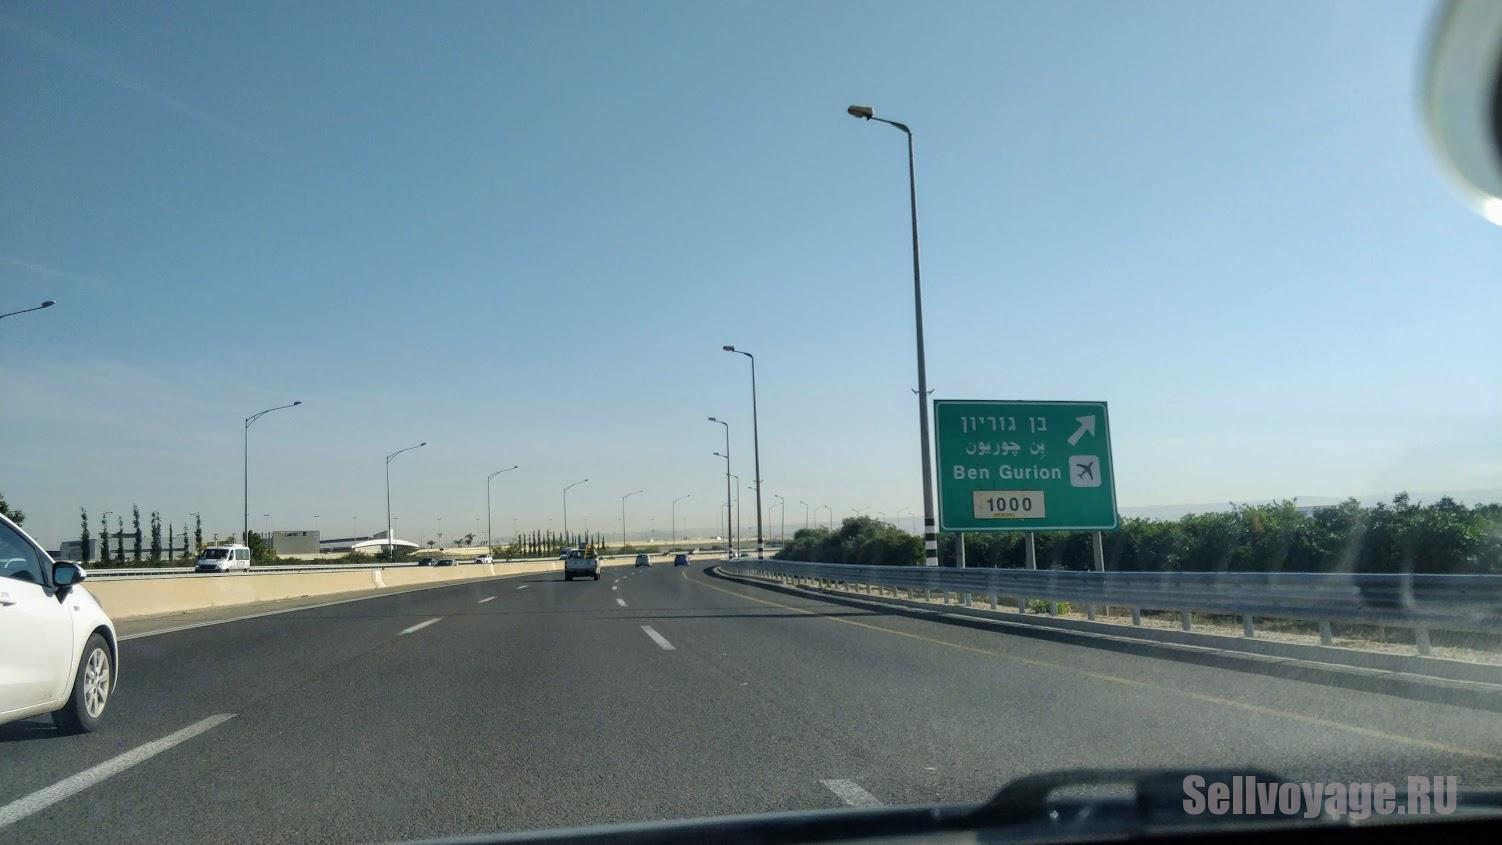 Поворот на аэропорт Бен Гурион в Израиле